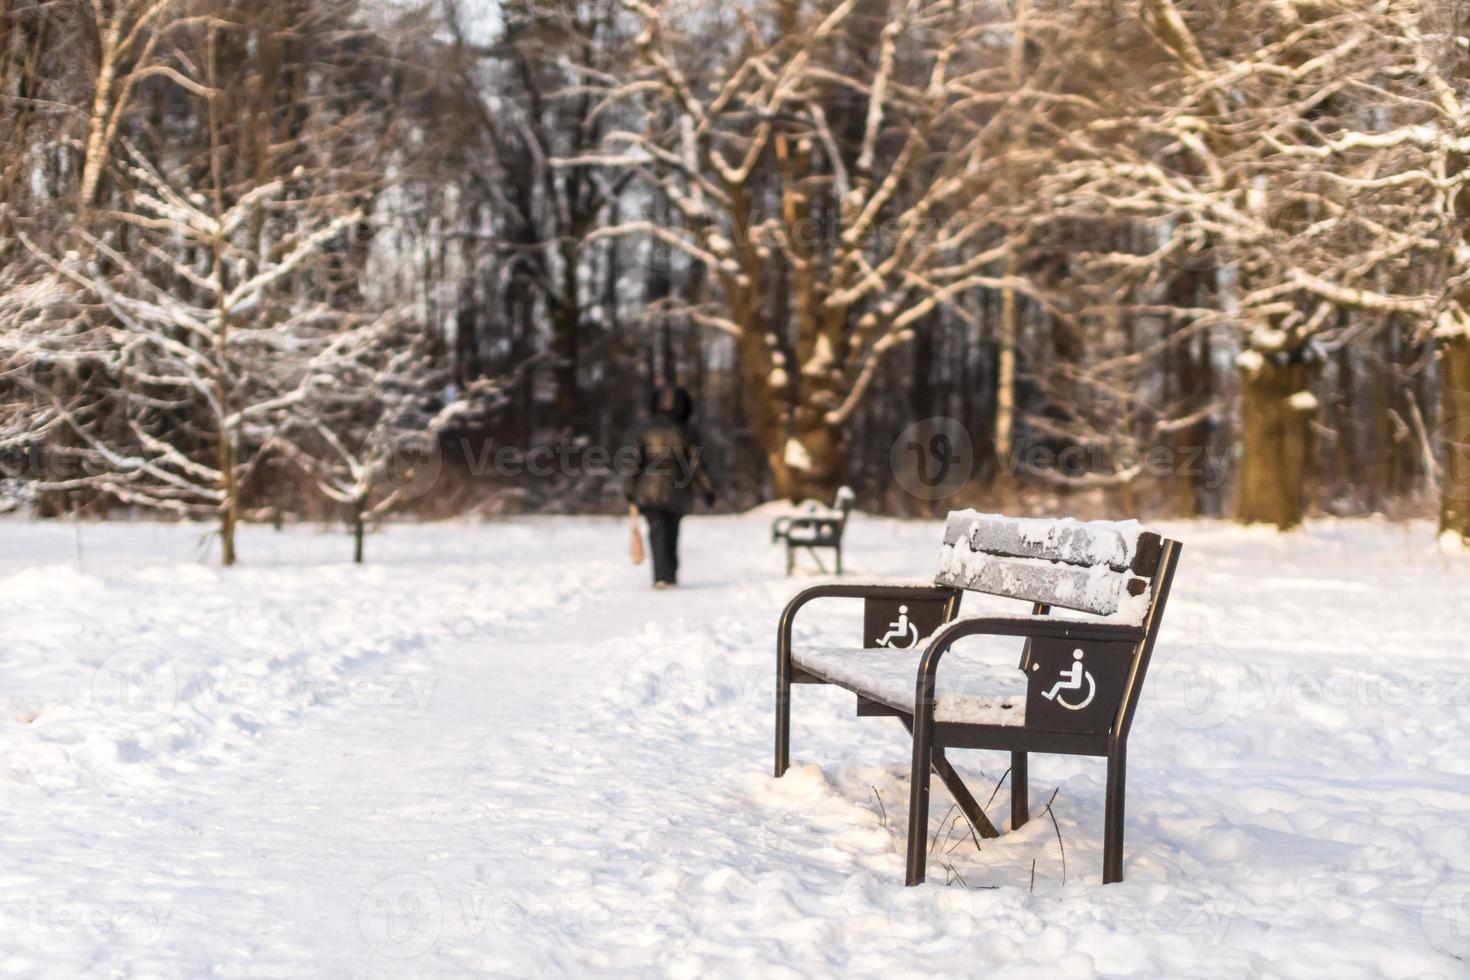 loopbrug met bankjes in winter park. foto